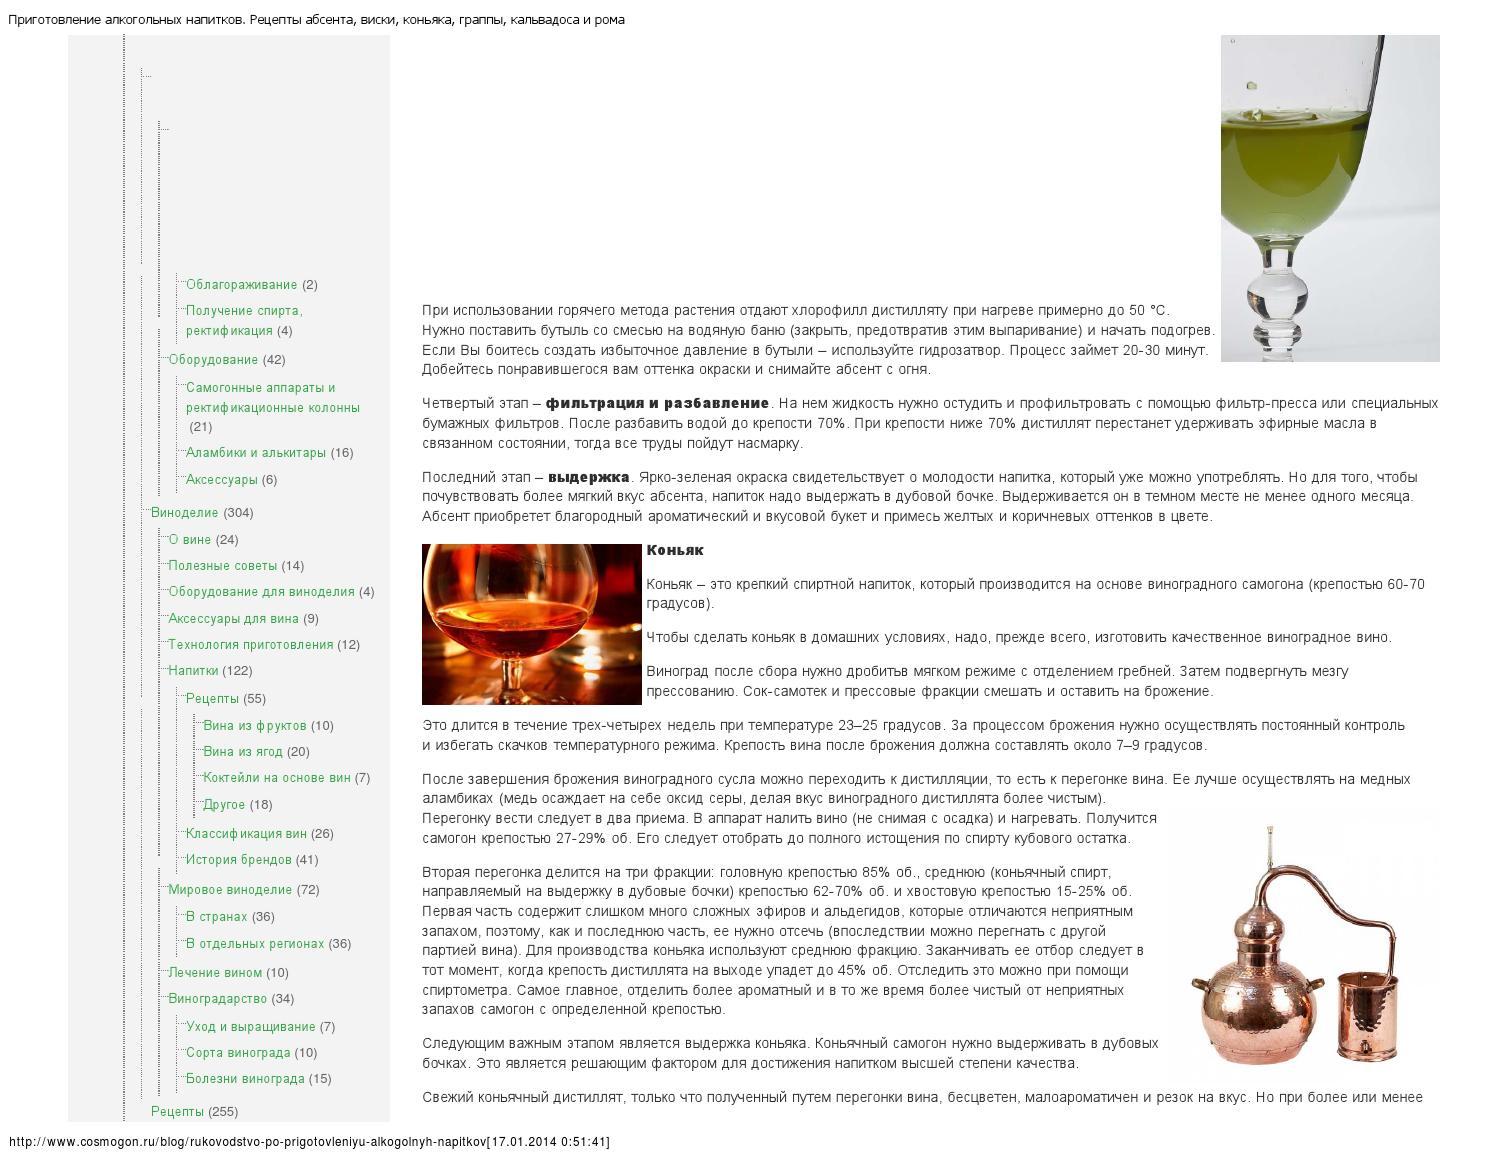 Рецепты вино из винограда в домашних условияхы с фото